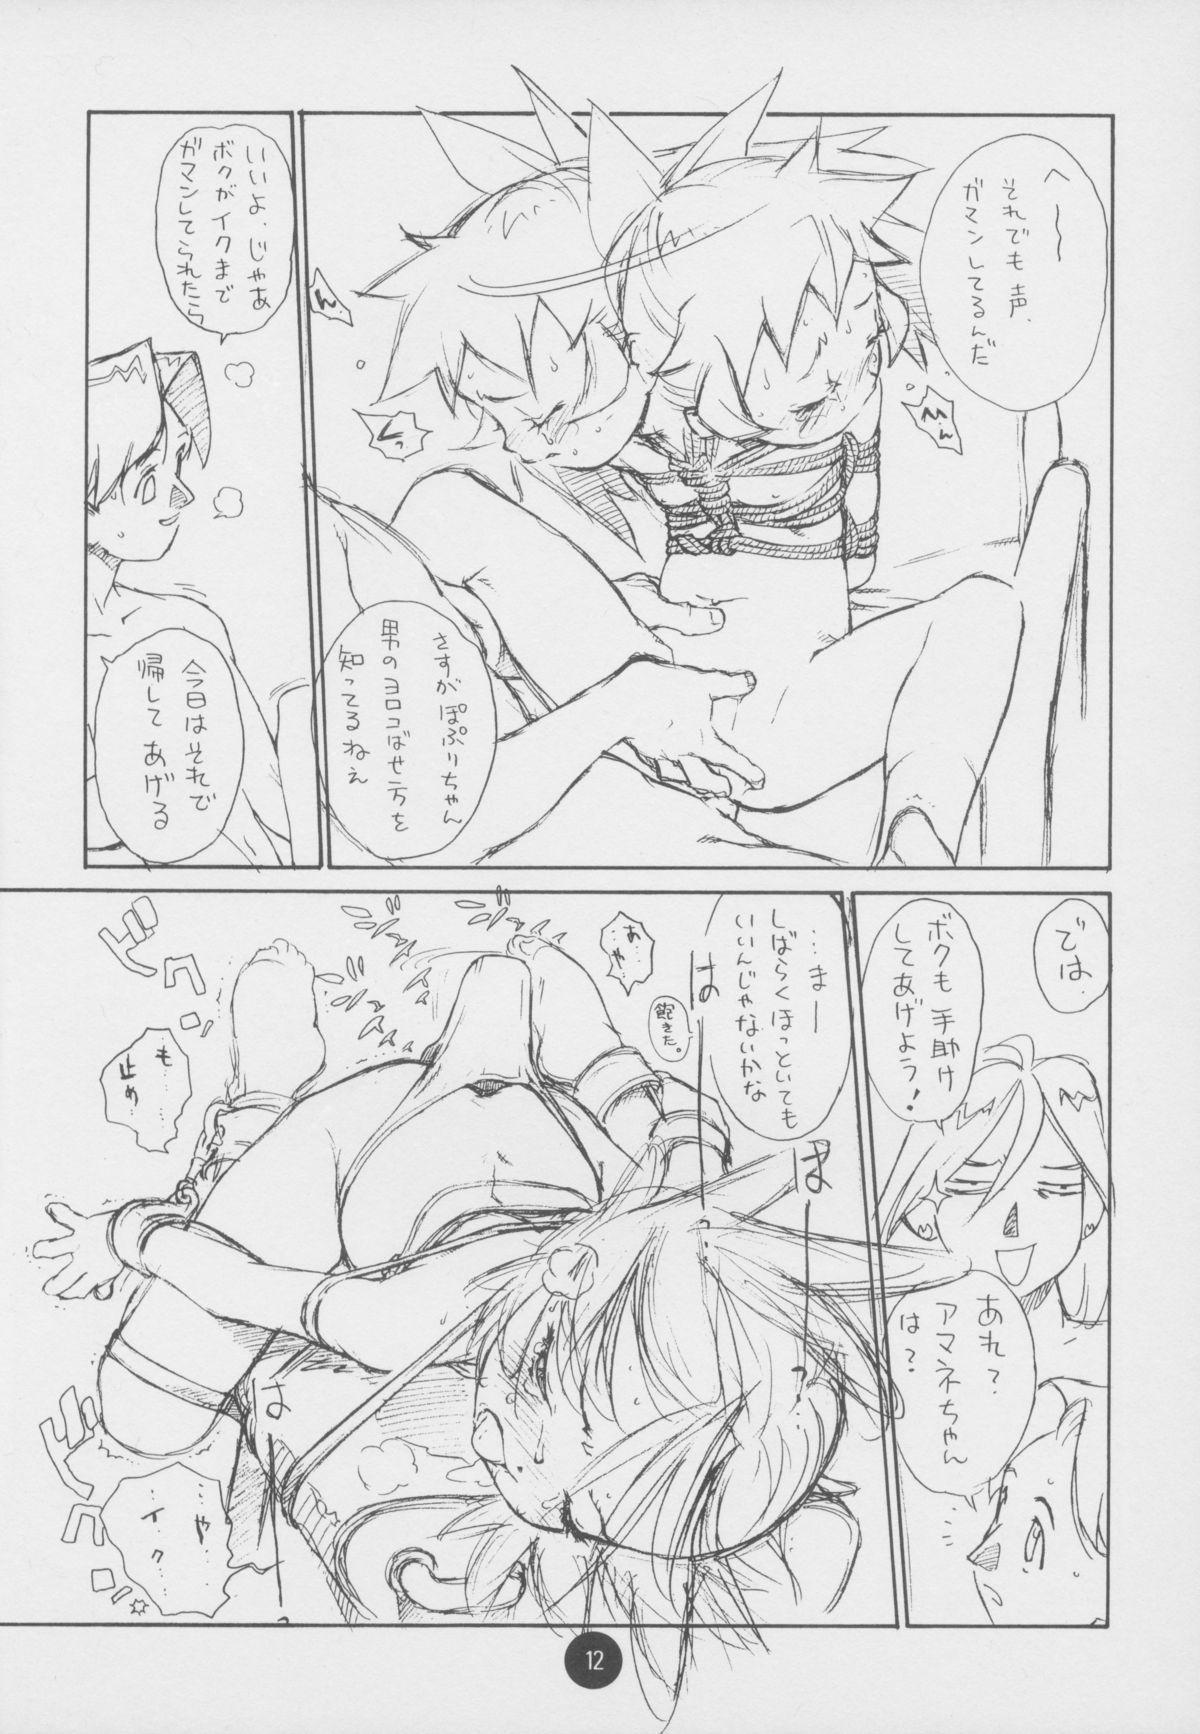 Poison Kiss 11